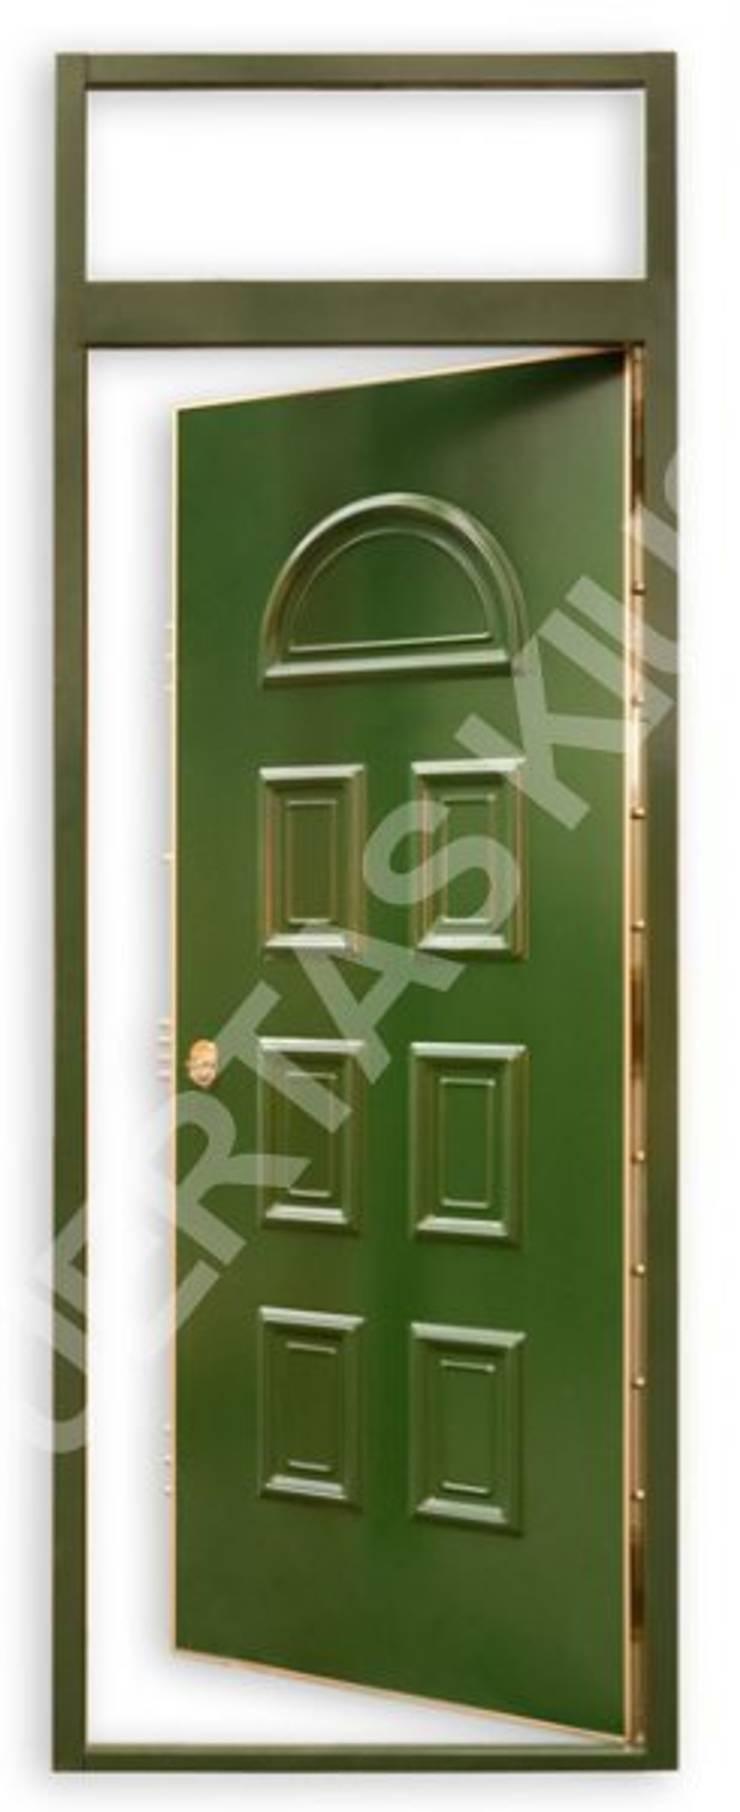 PUERTA MONTANTE 1: Puertas y ventanas de estilo  de PUERTAS KIUSO